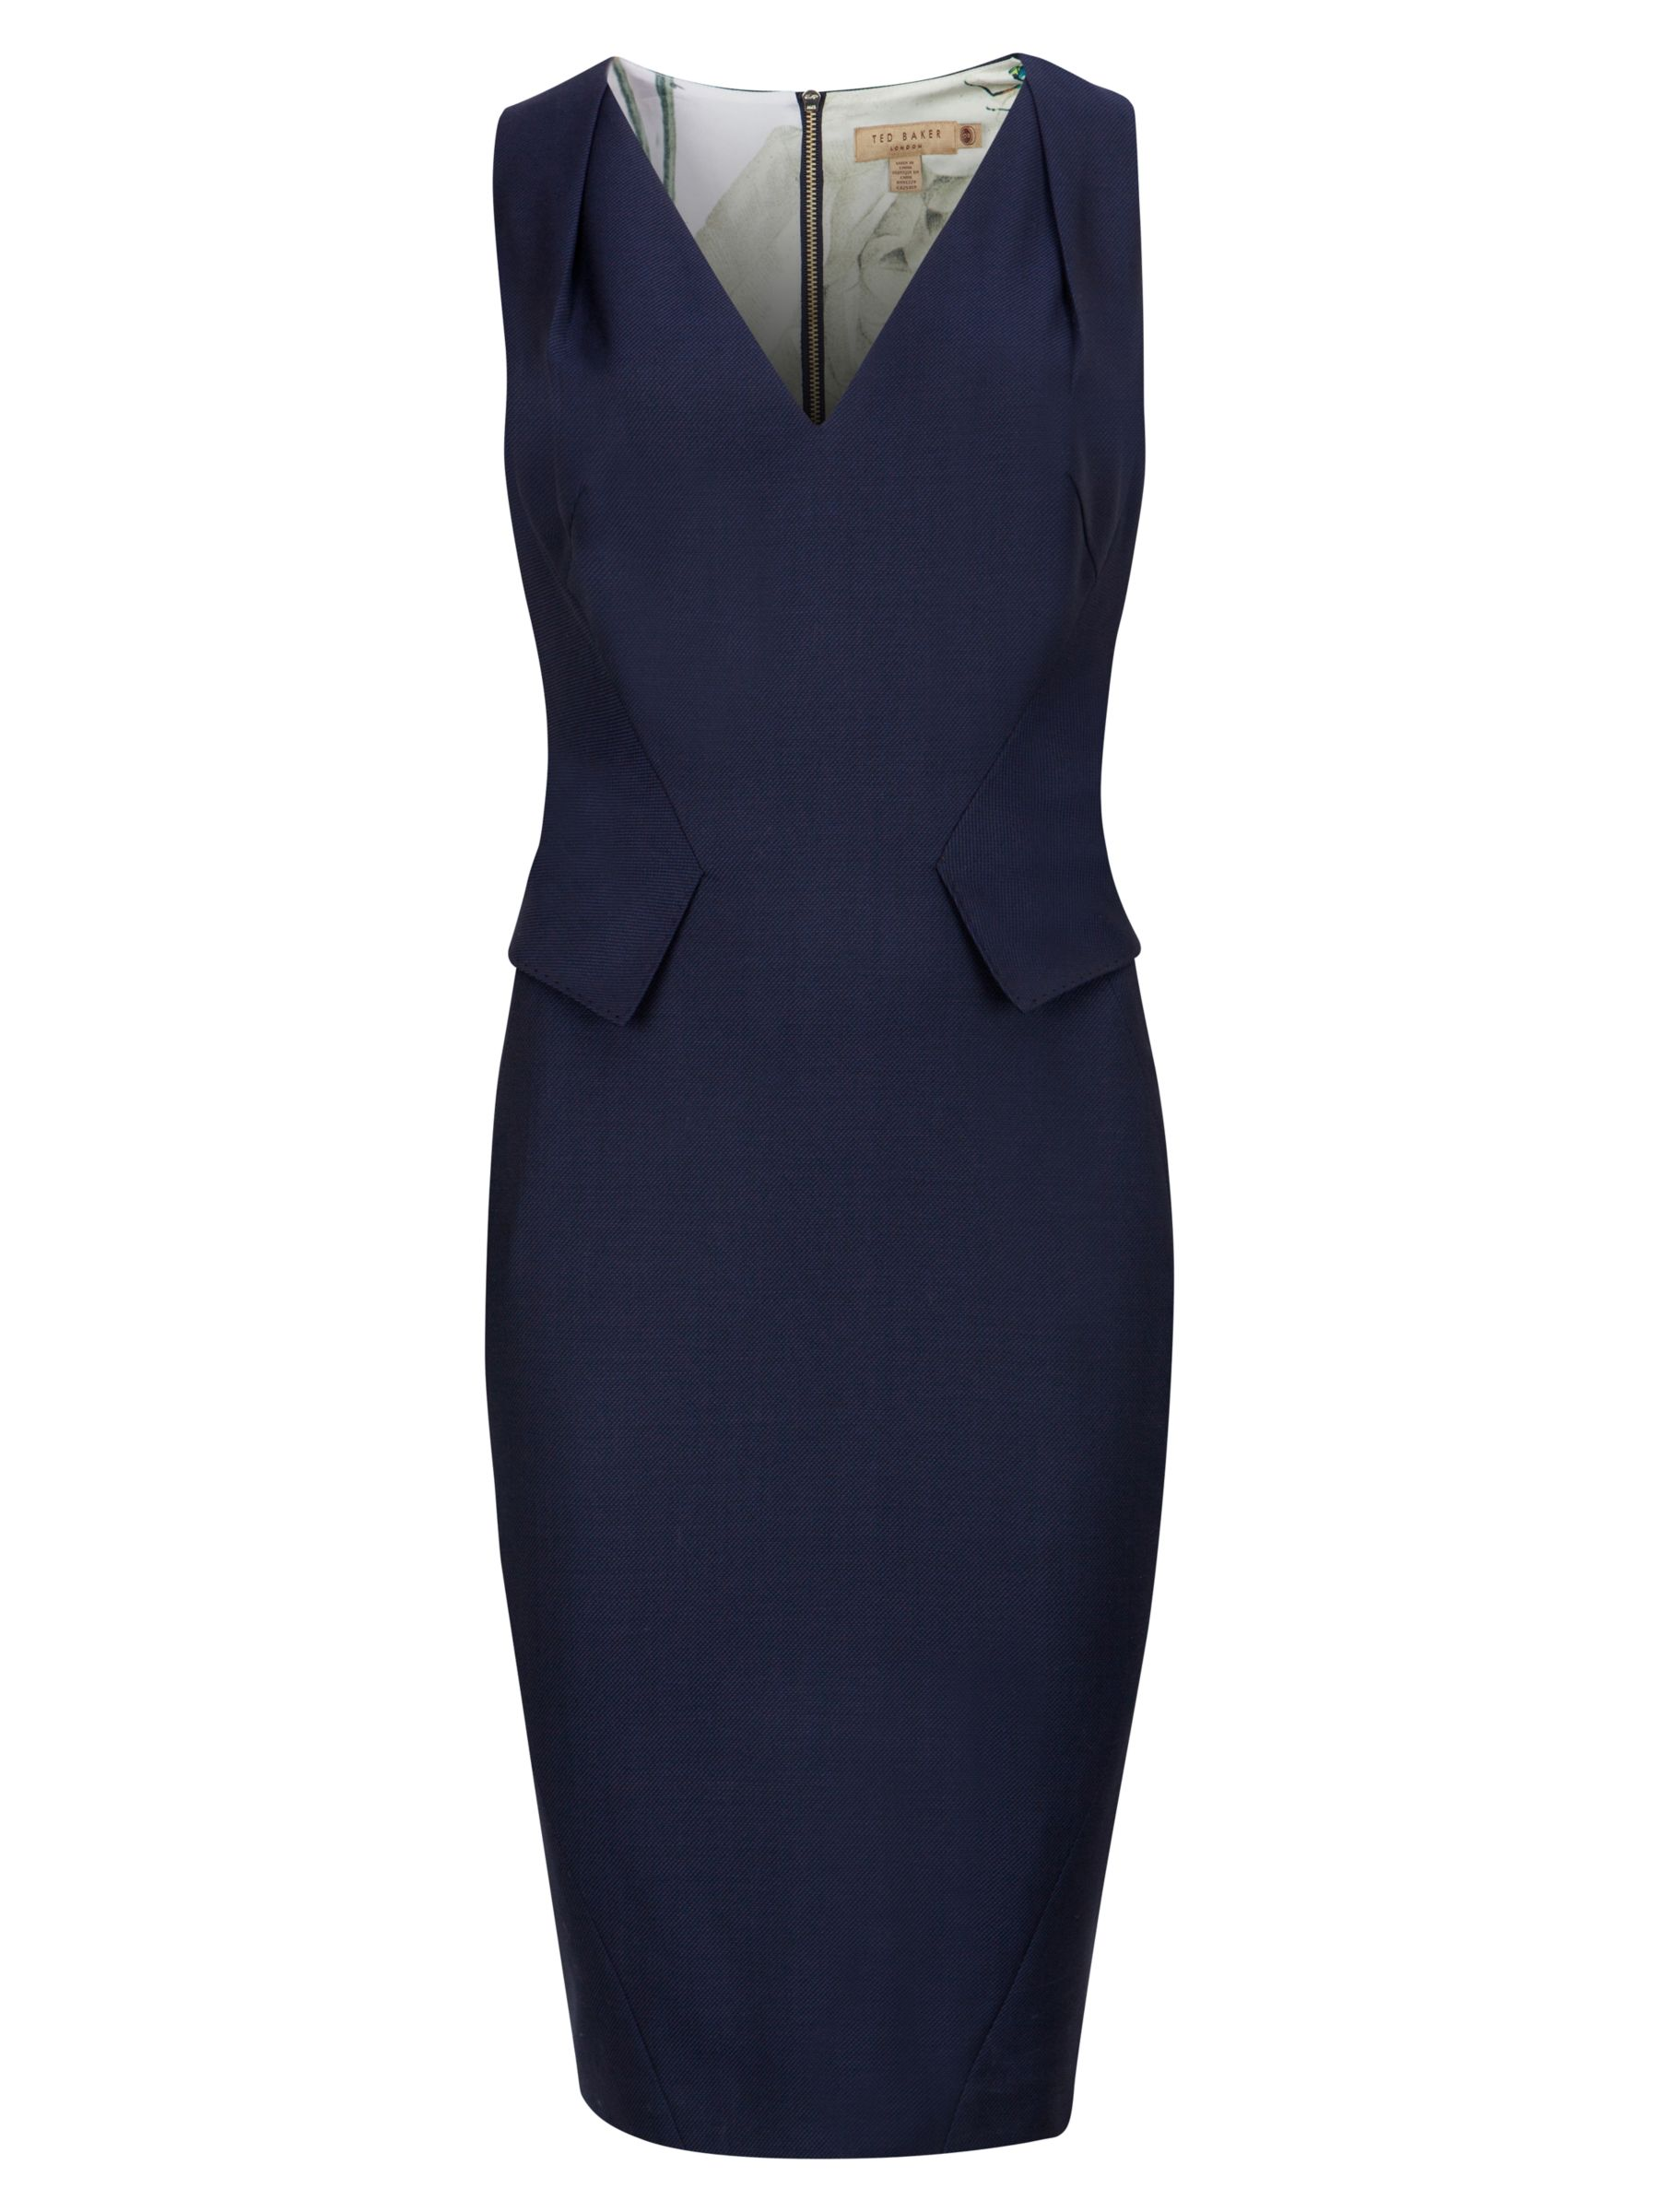 ted baker eizad pique suit dress blue, ted, baker, eizad, pique, suit, dress, blue, ted baker, 0|5|1|4|2|3, women, womens dresses, fashion magazine, womenswear, men, brands l-z, 1875405